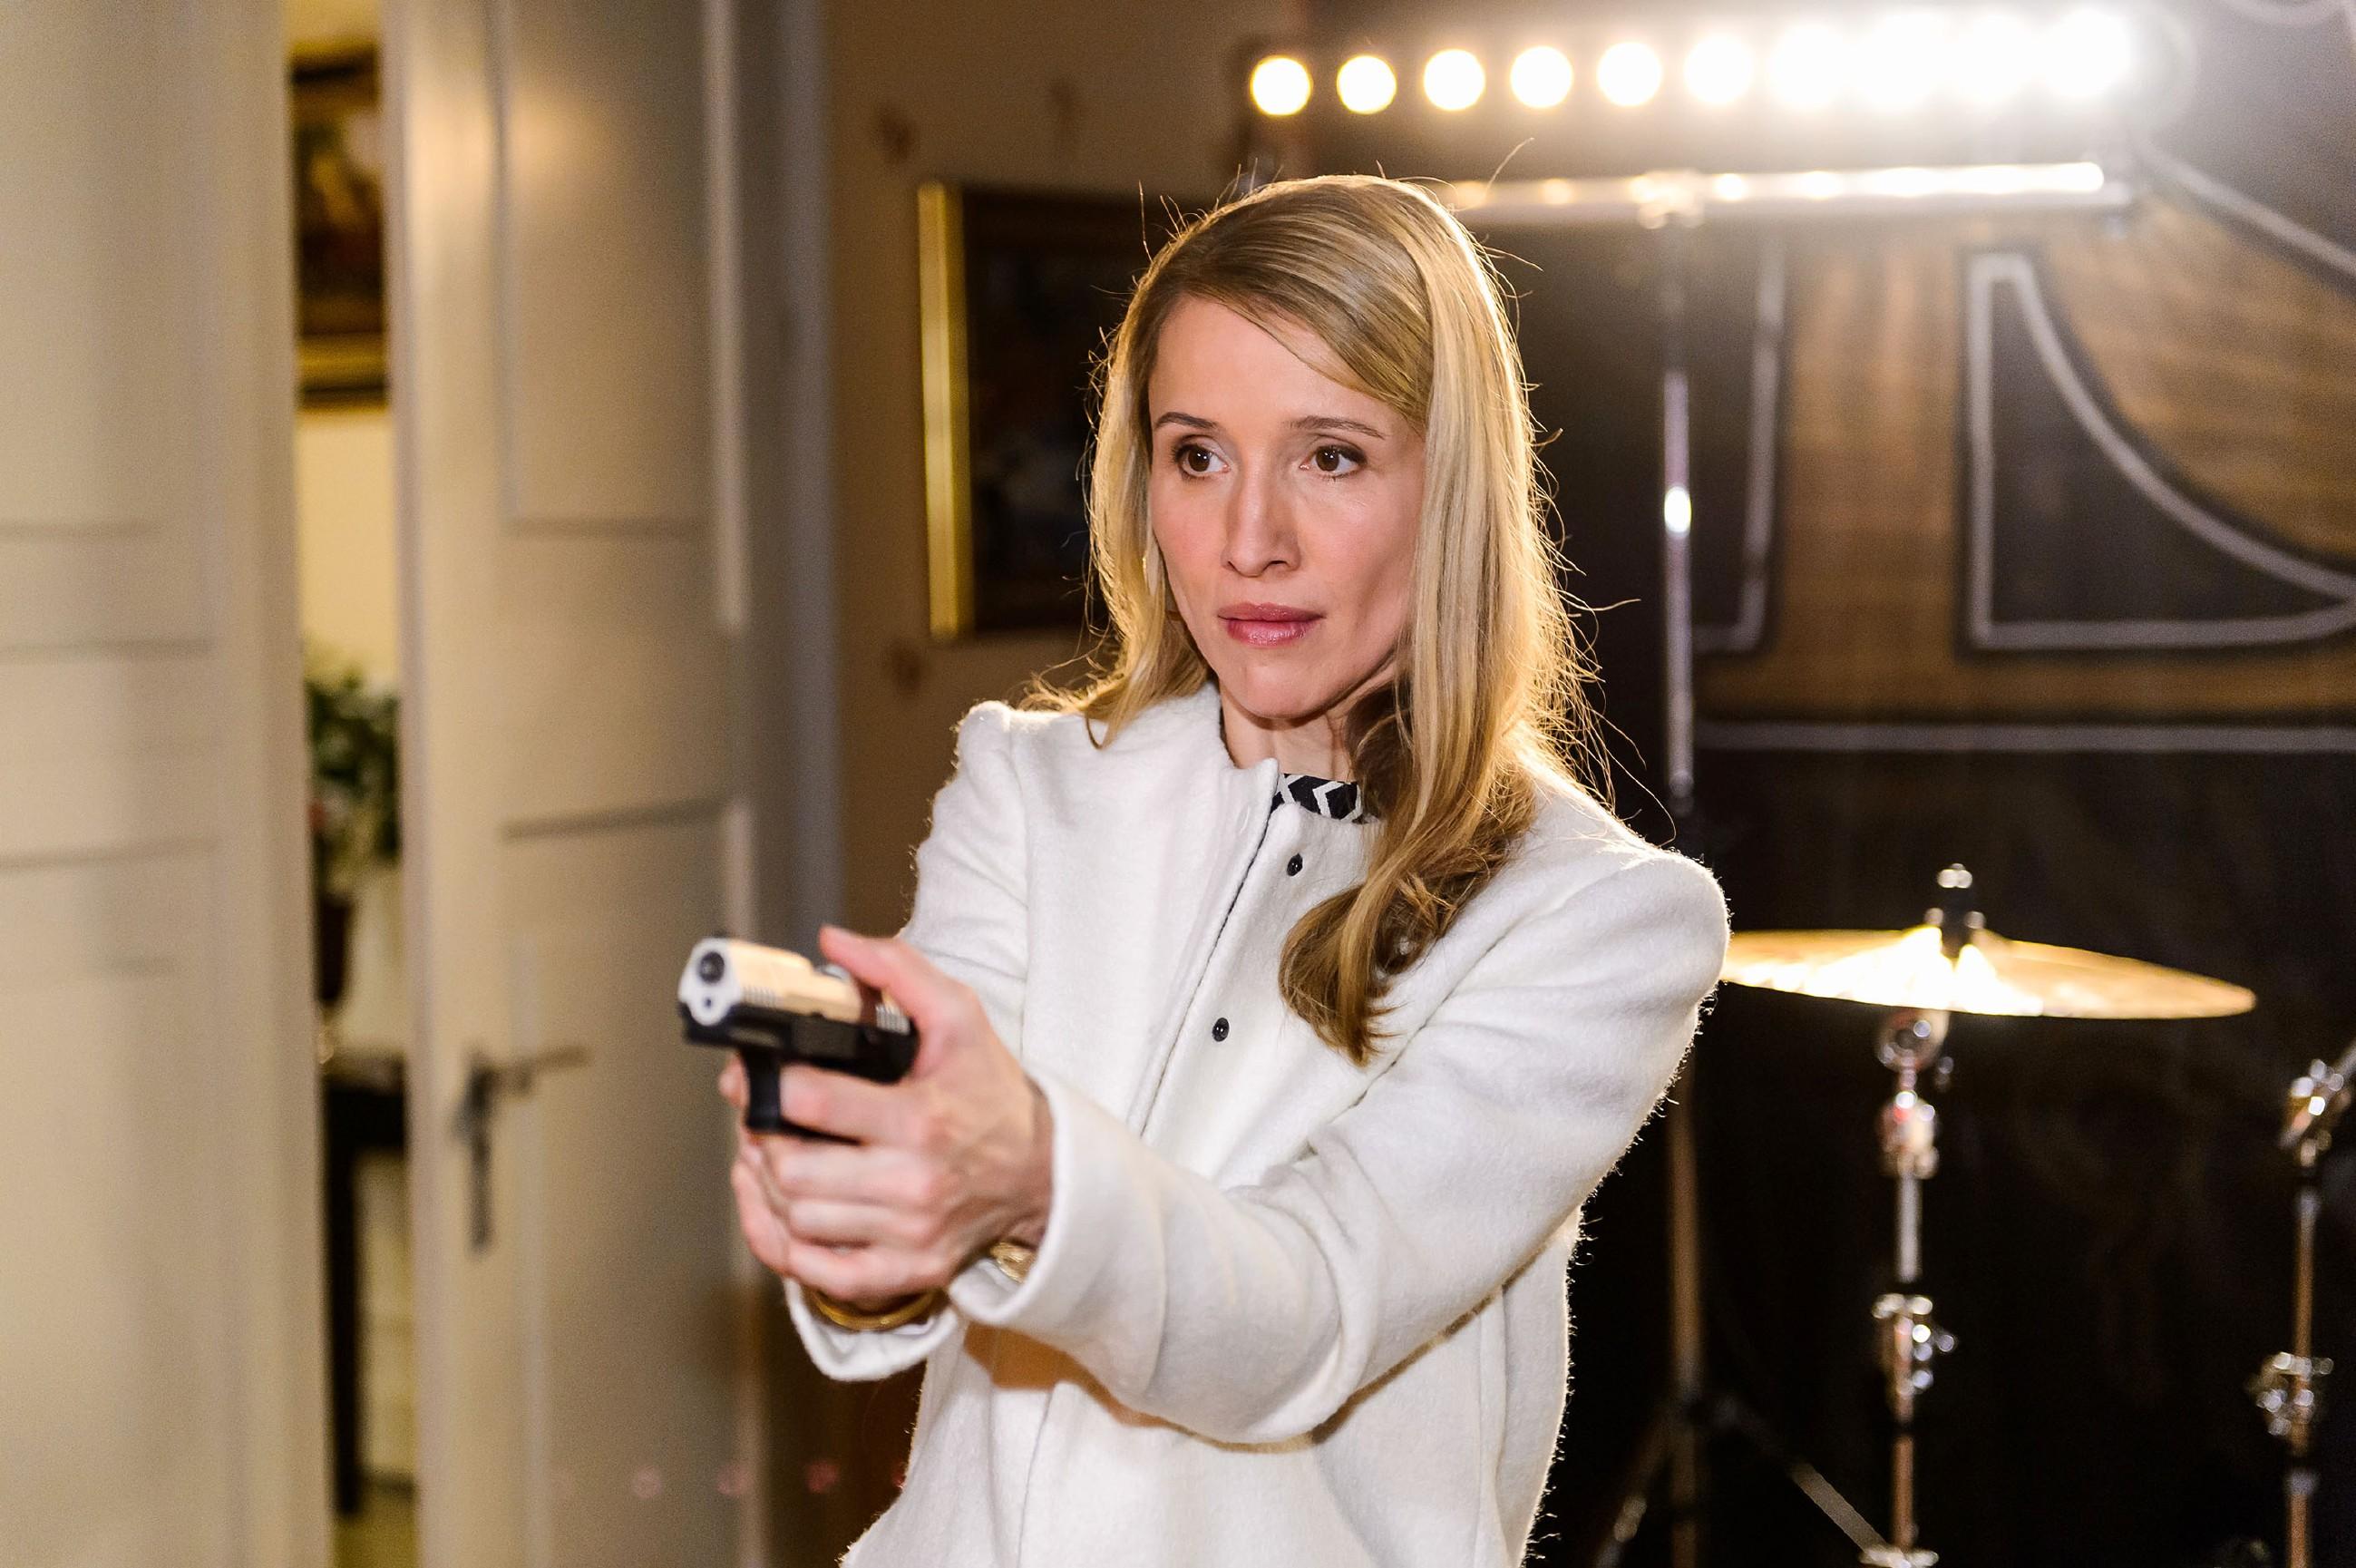 Während Christoph sich schon in Sicherheit wiegt, weil er Sylvie (Solveig August) beruhigen konnte, hebt diese plötzlich erneut die Waffe... (Quelle: RTL / Willi Weber)